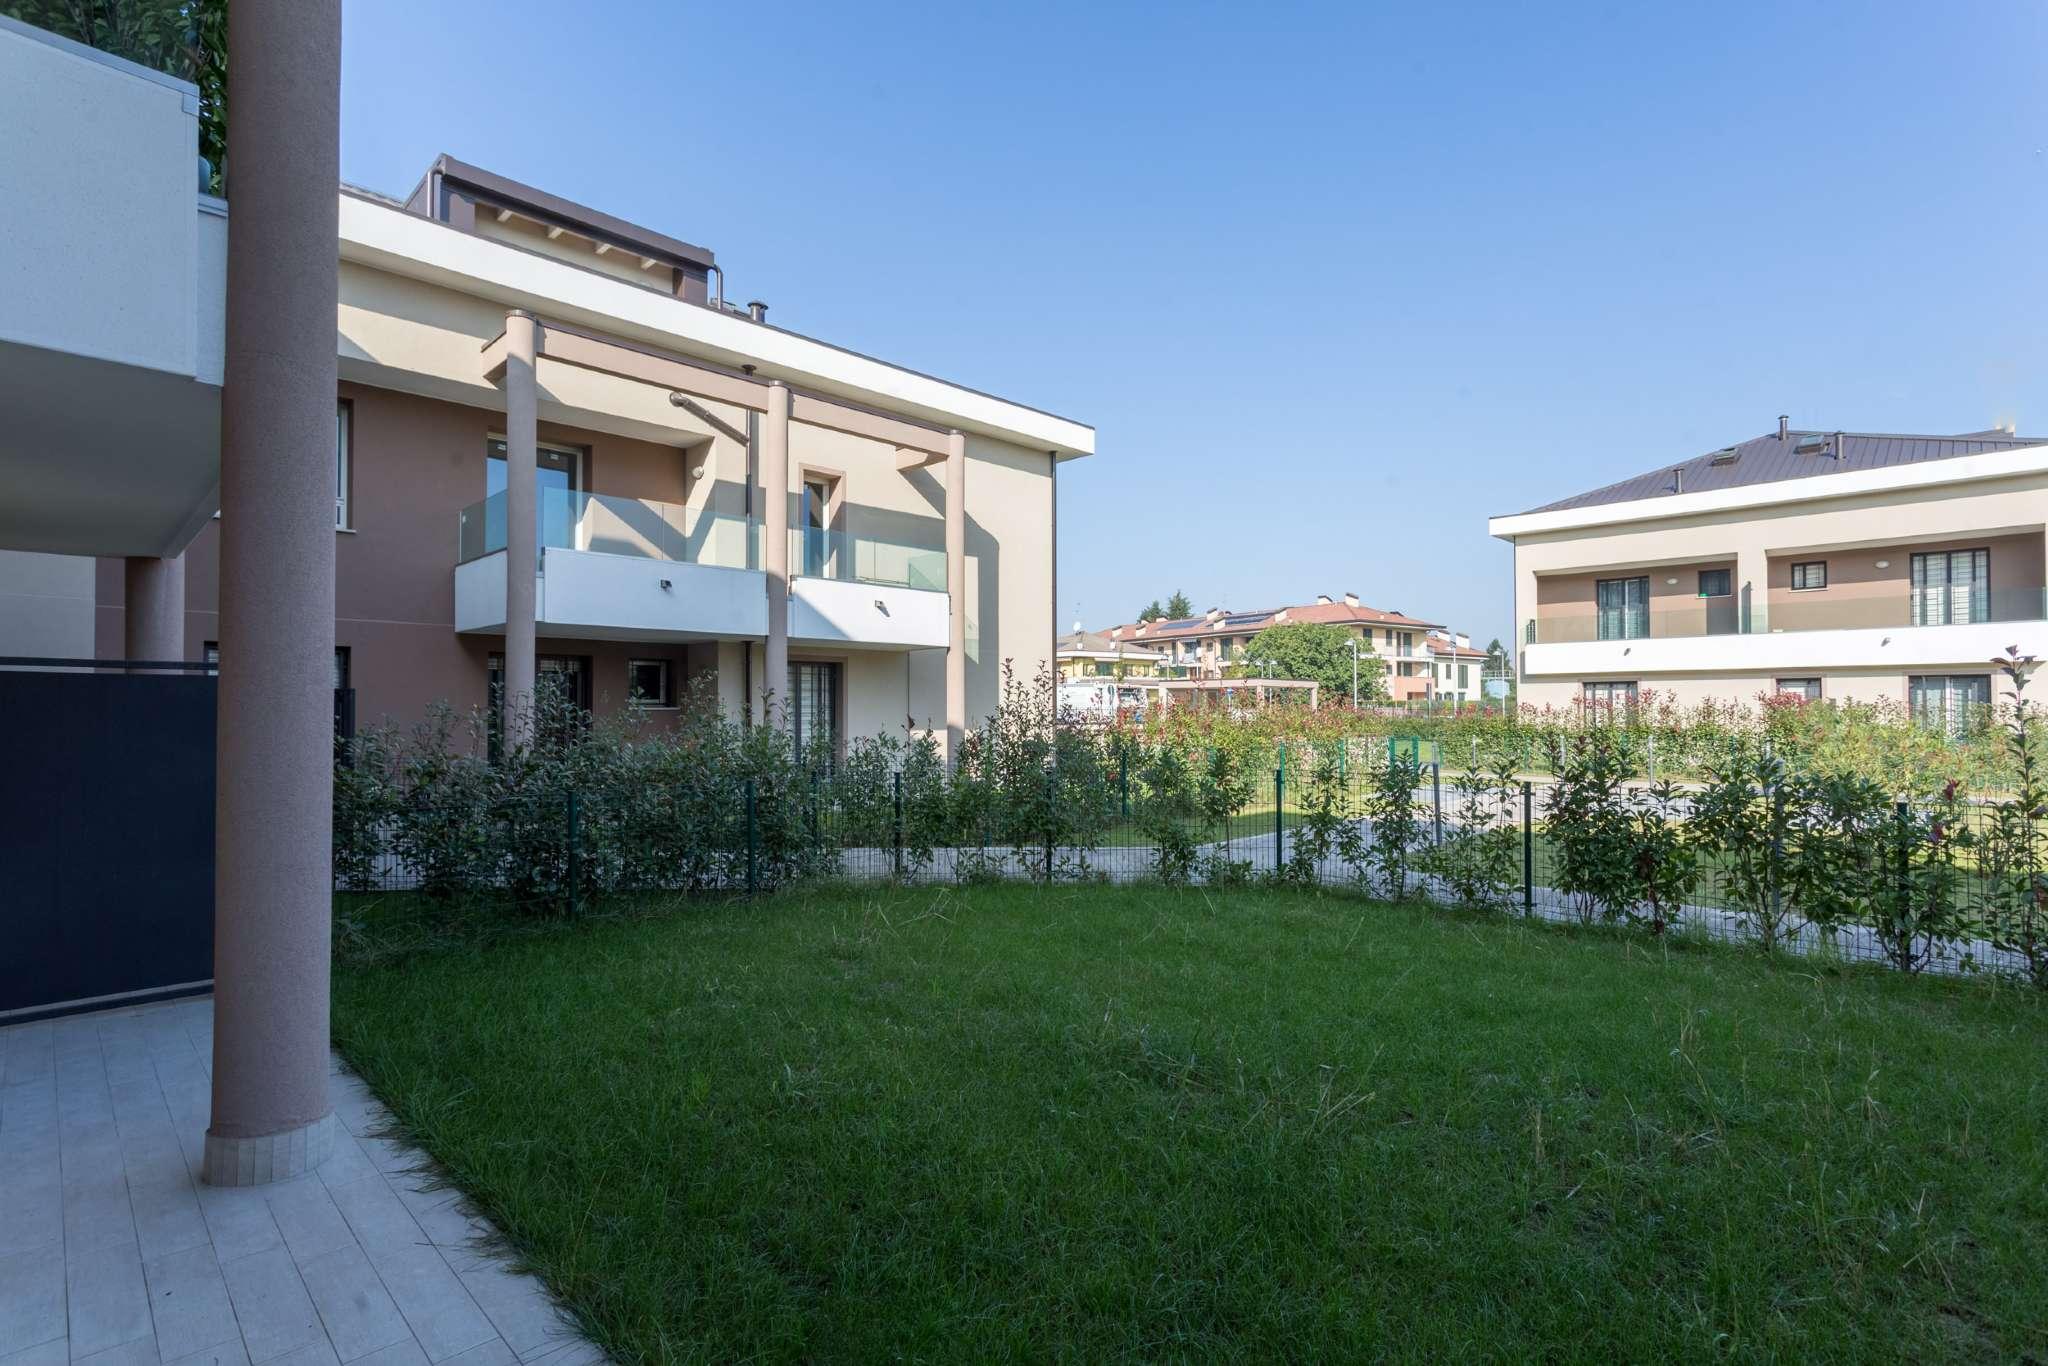 Appartamento in vendita a Cernusco sul Naviglio, 3 locali, prezzo € 366.000 | CambioCasa.it